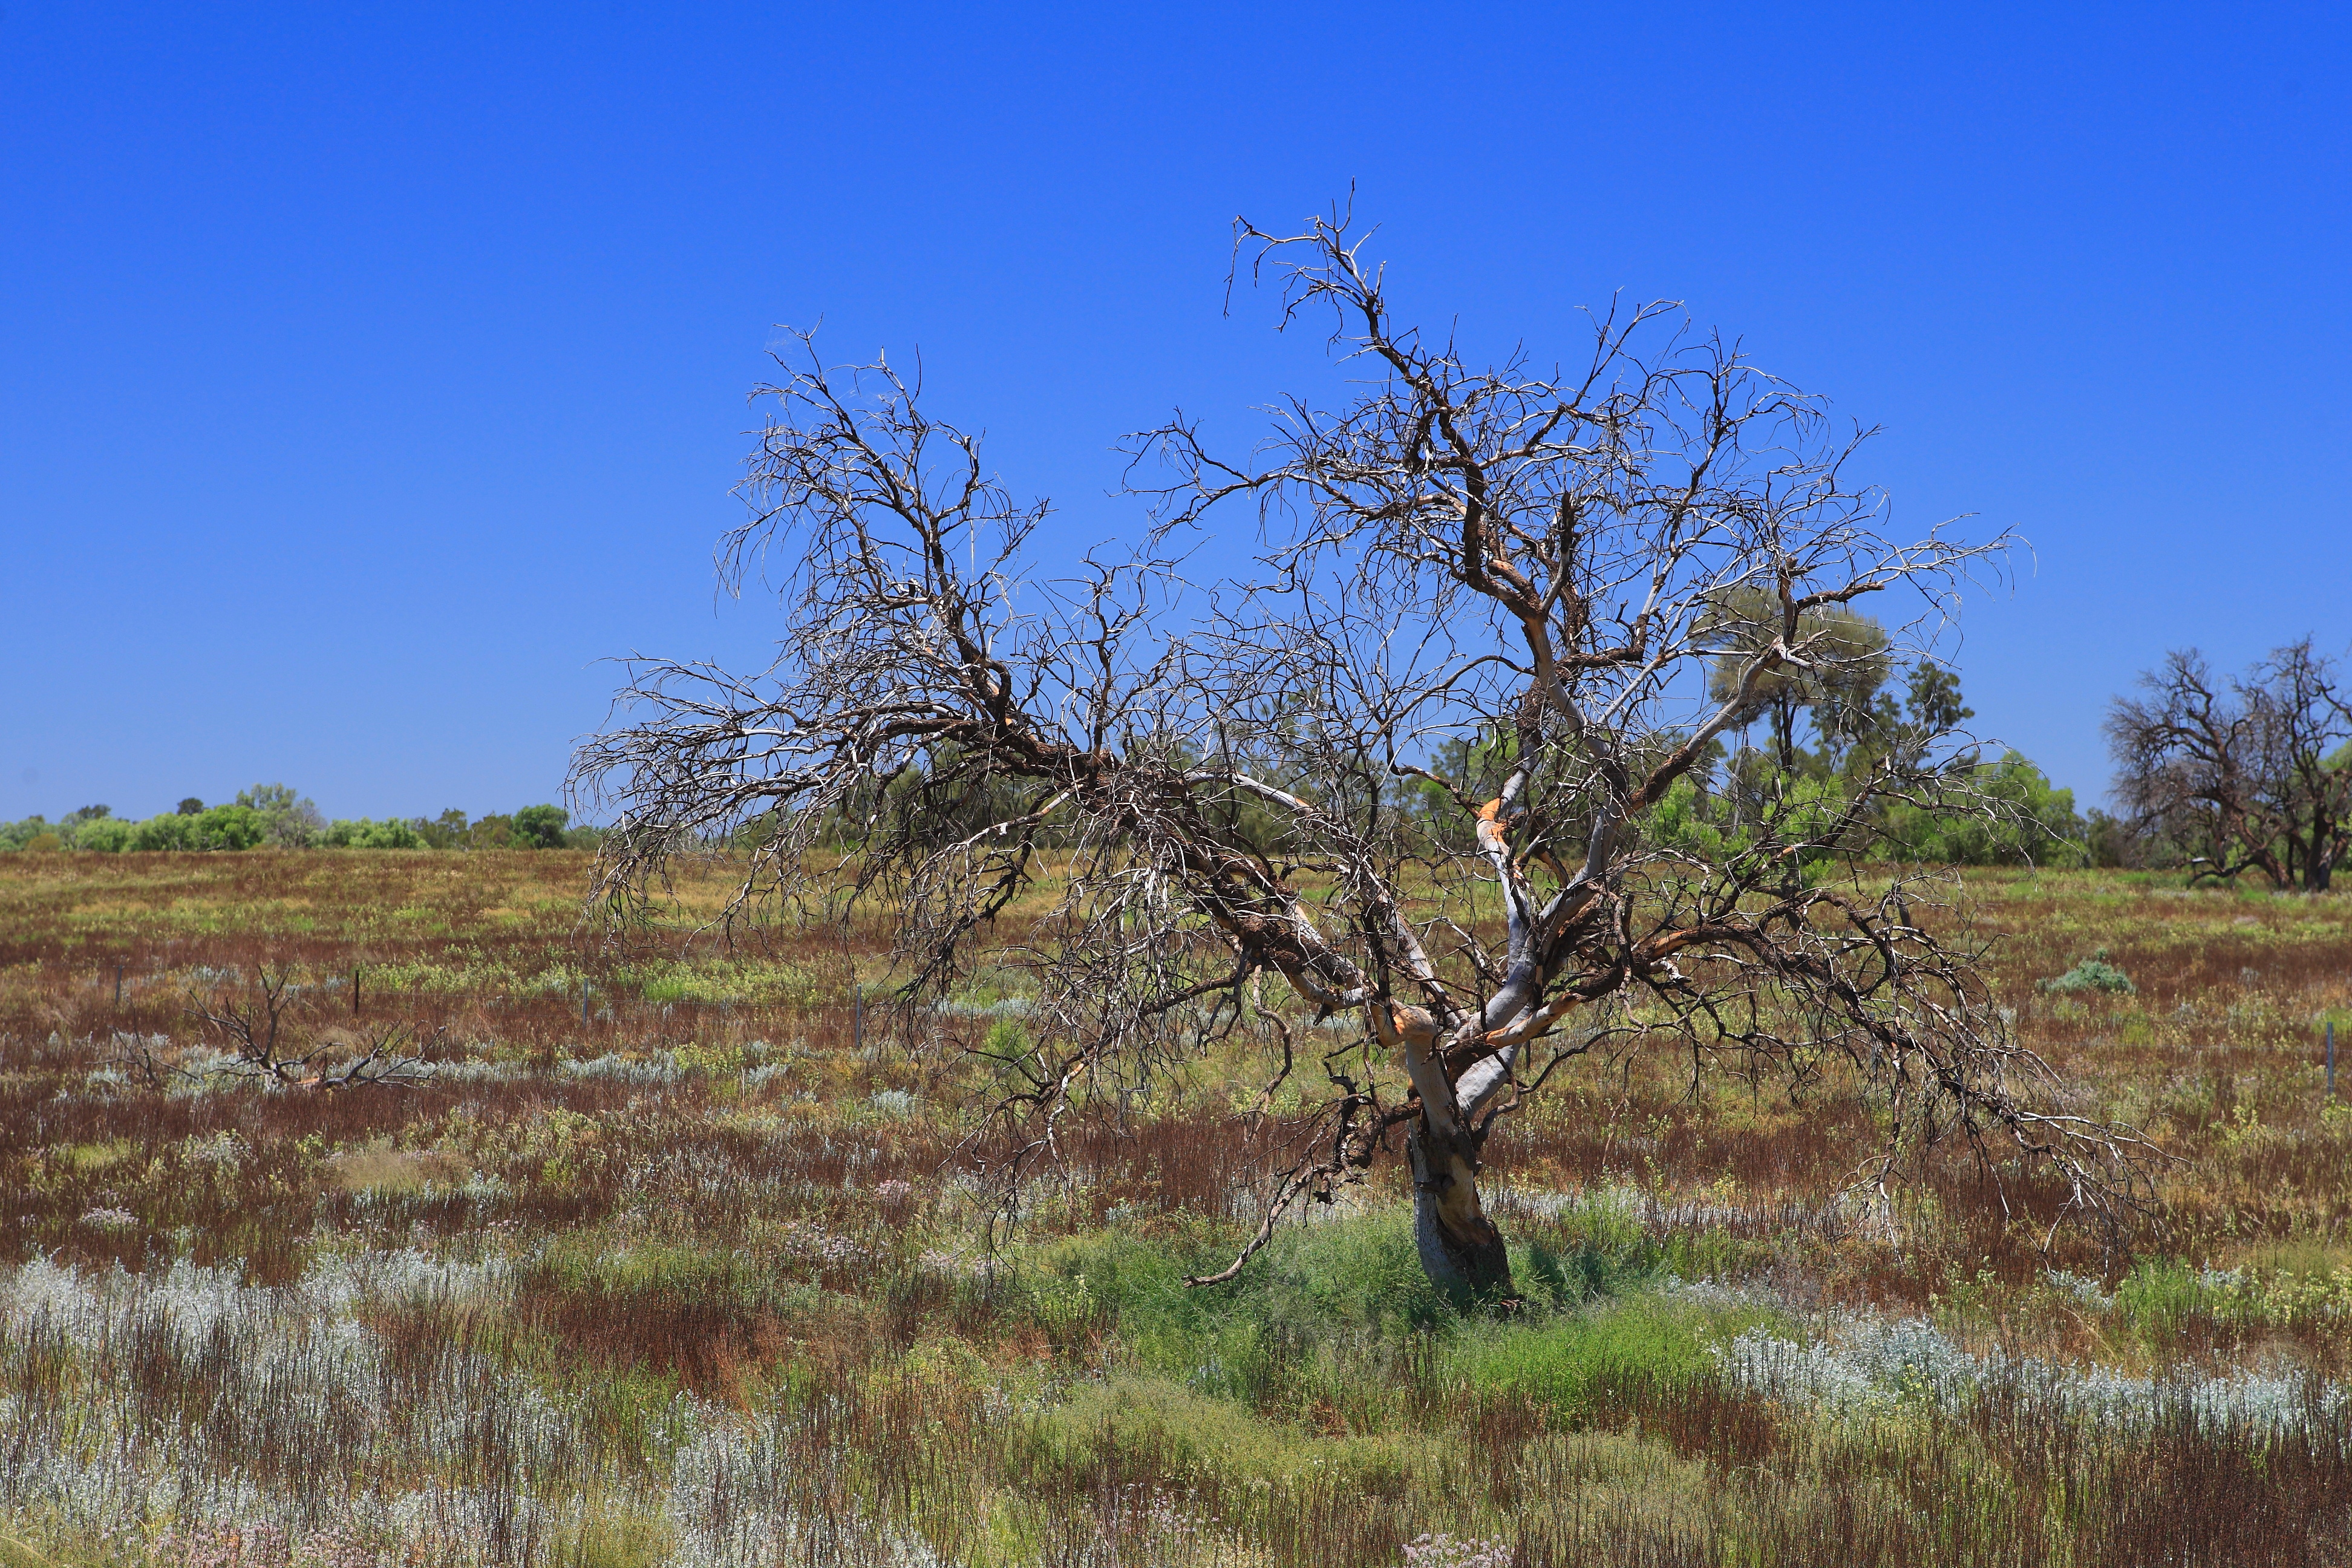 Australia_Outback_64